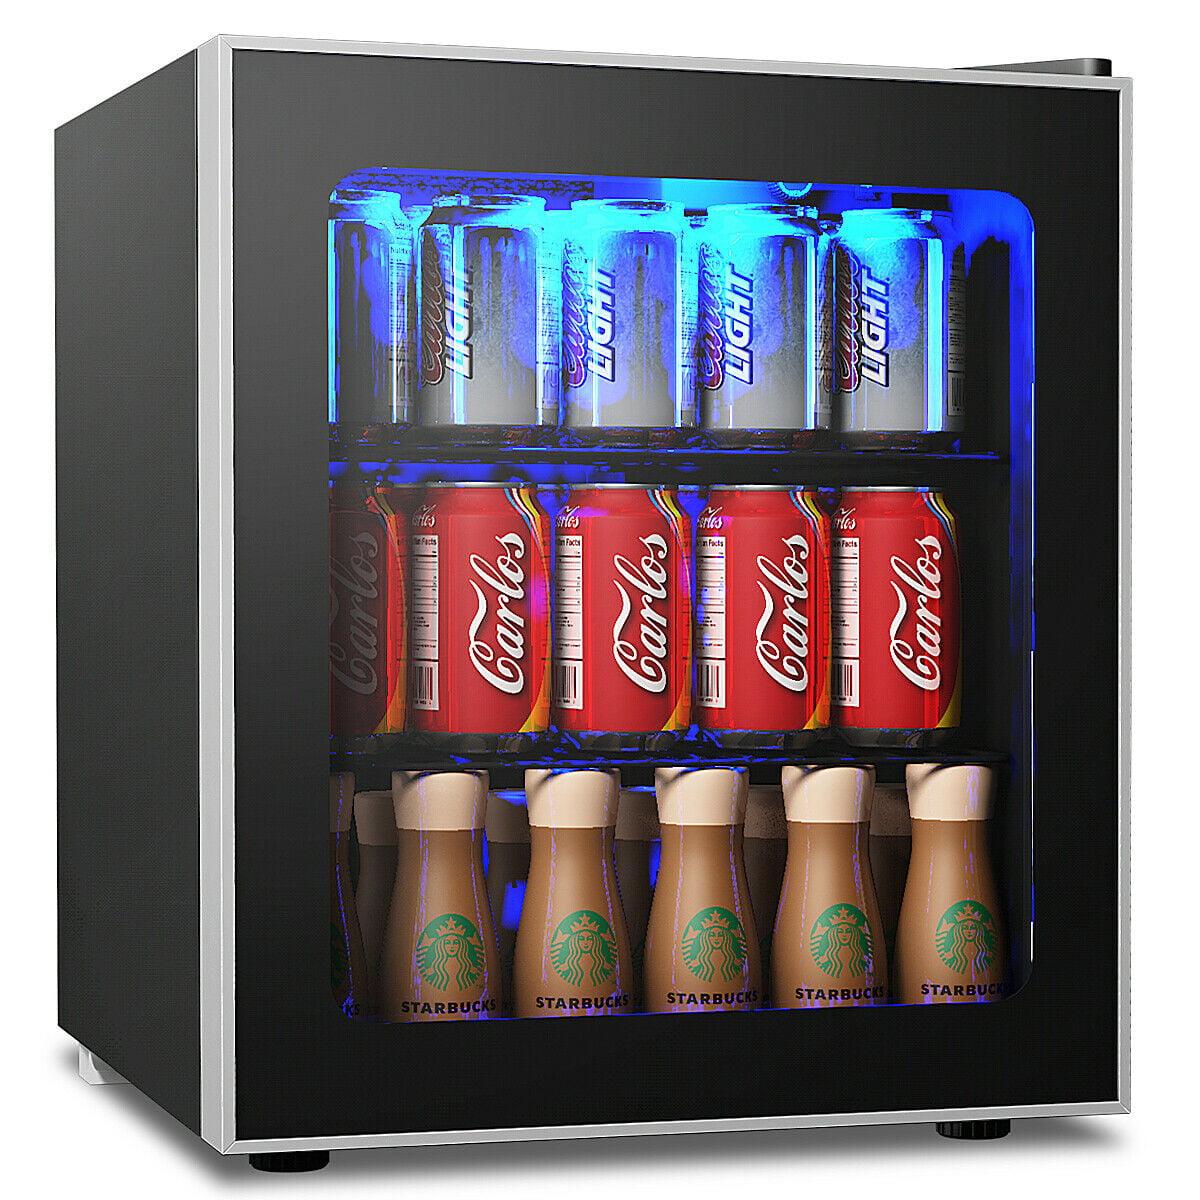 Gymax 60 Can Beverage Refrigerator Beer Wine Soda Drink Cooler Mini Fridge Glass Door Walmart Com Walmart Com